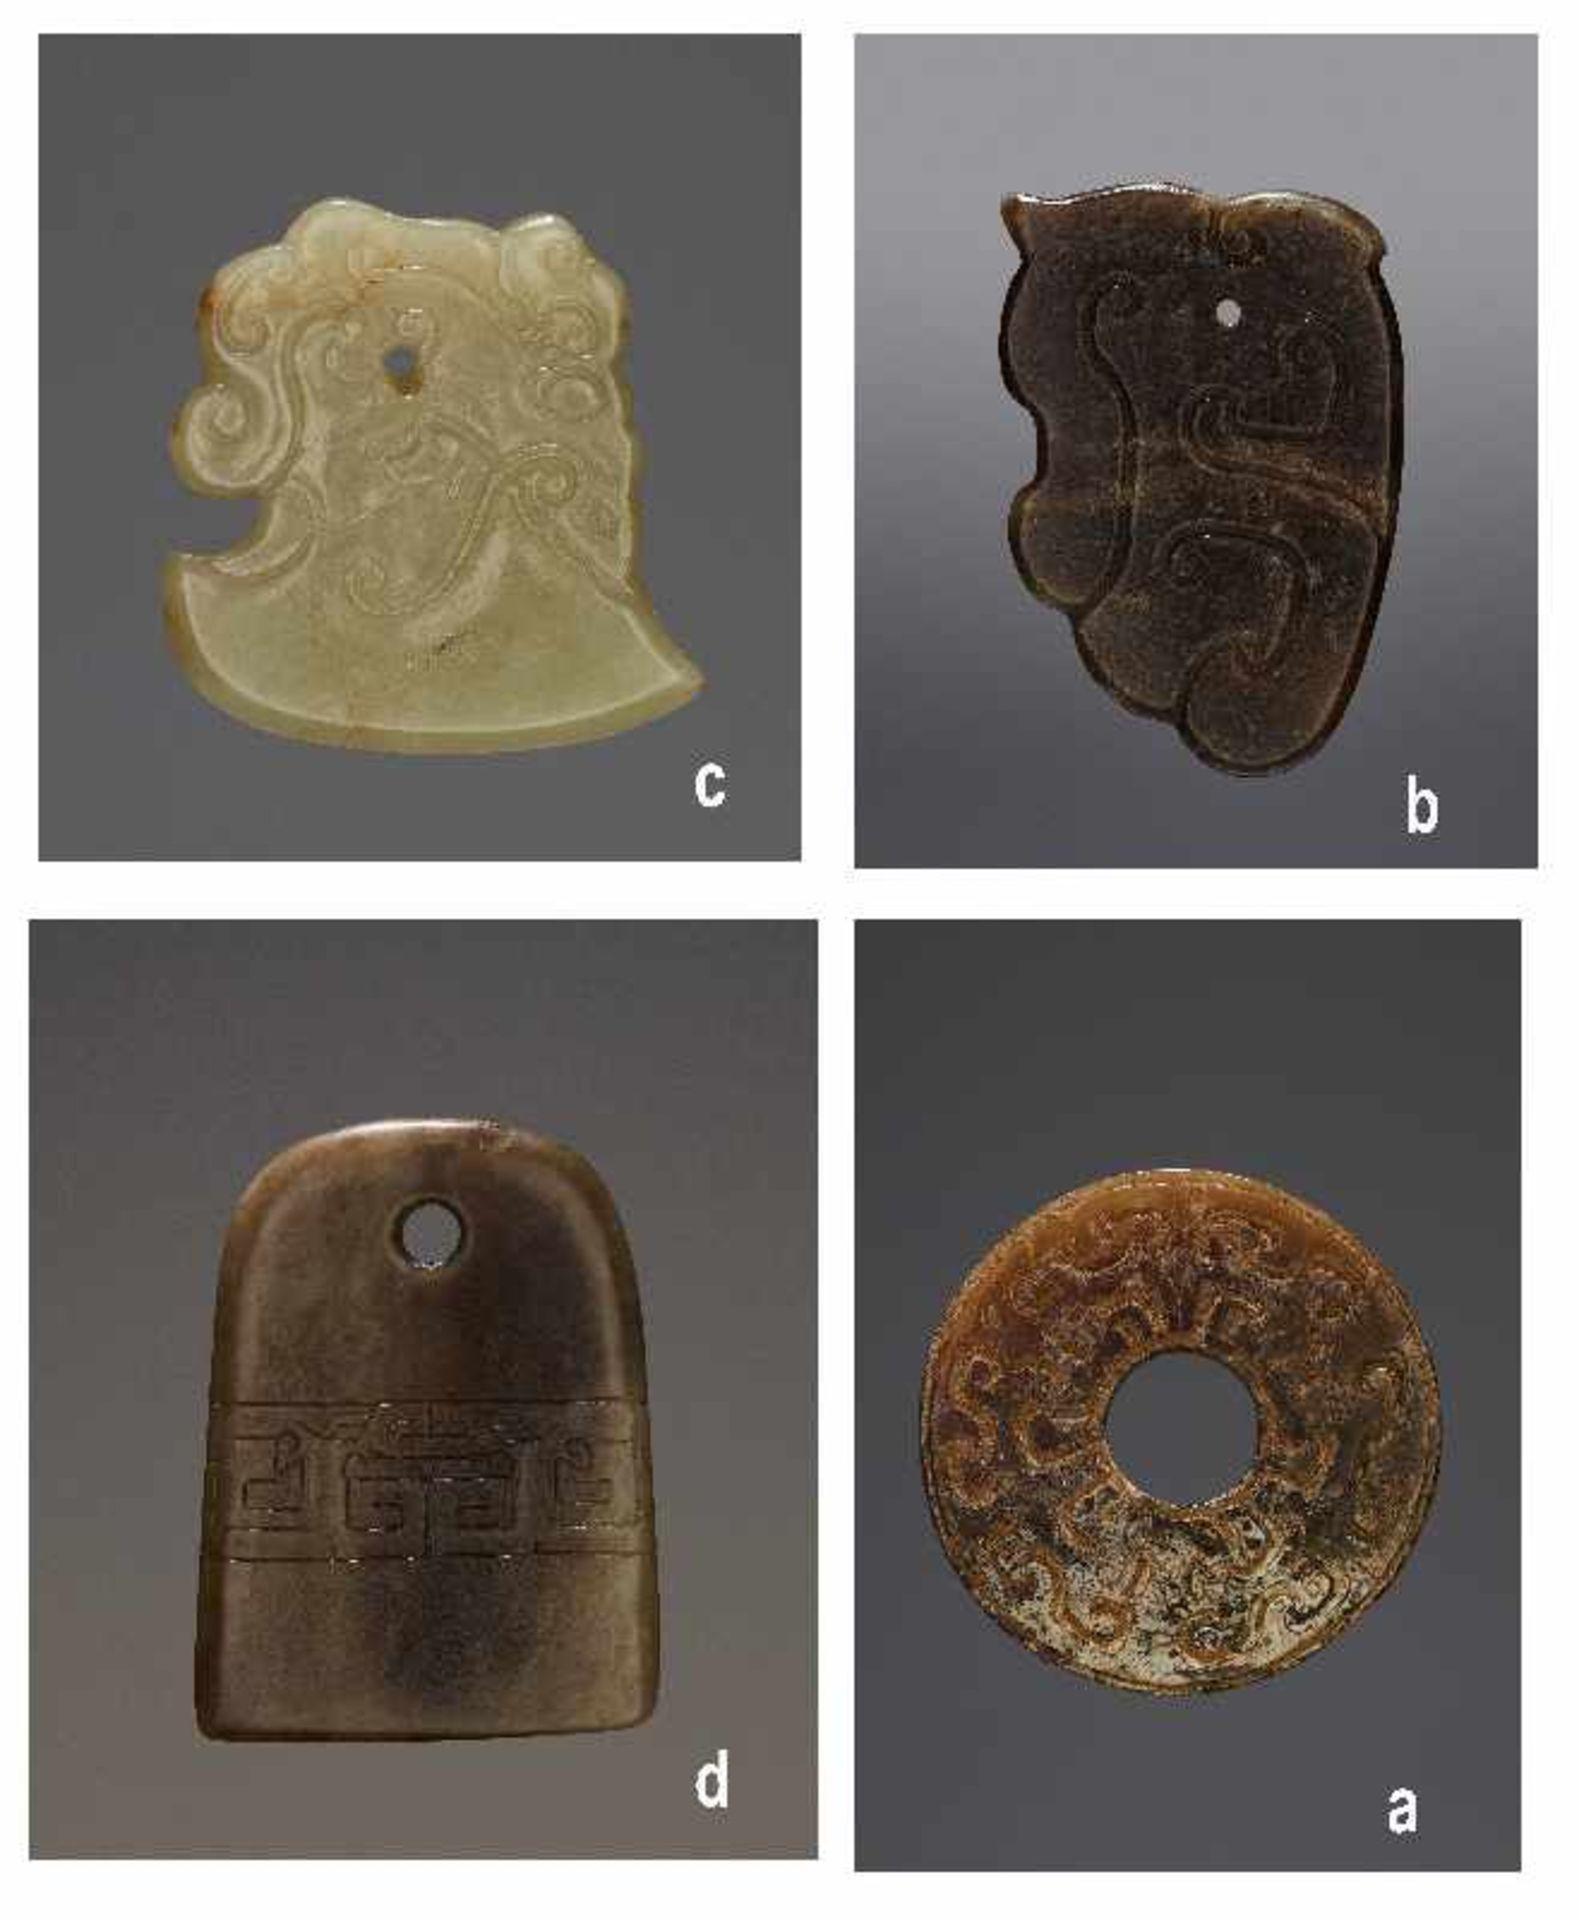 KONVOLUT MIT EINER BI UND DREI AMULETTENJade. China, späte Qing-Dynastie, 19. Jh. 75a: BI Jade.